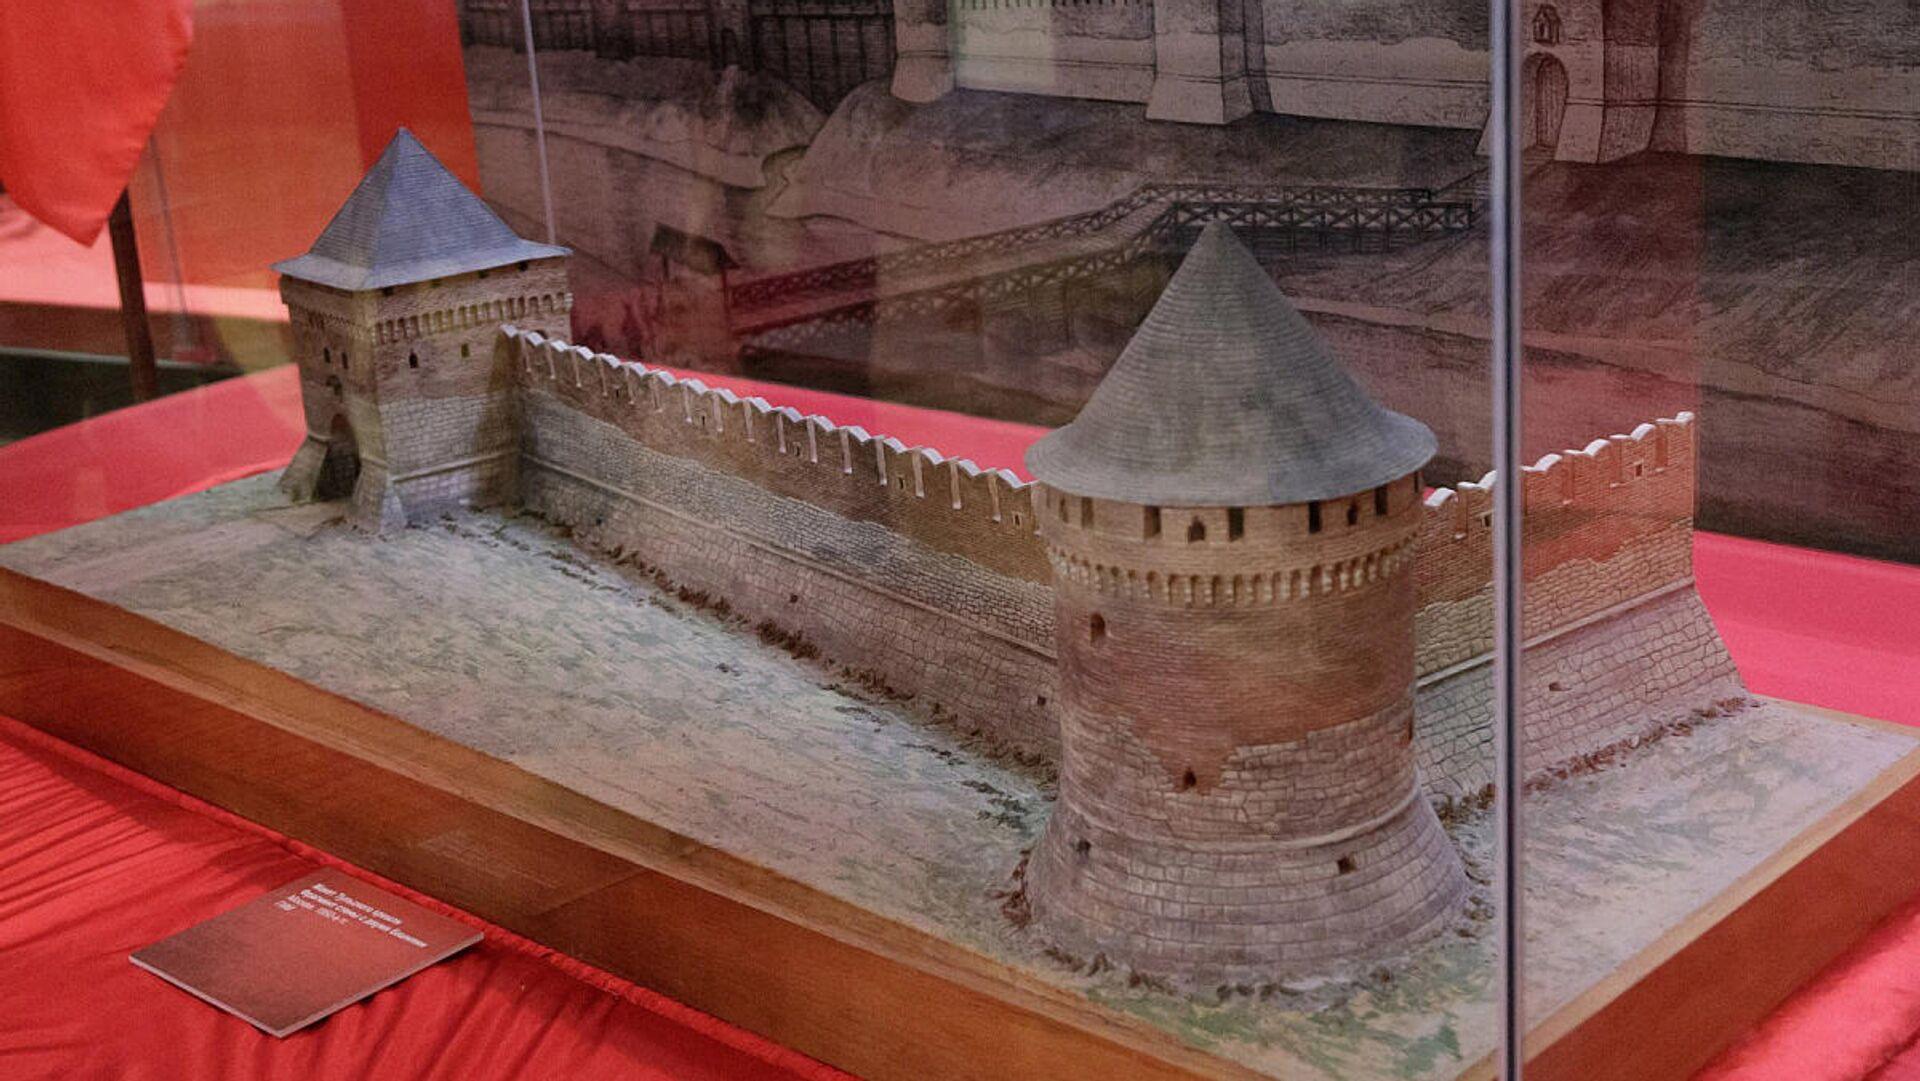 1577785034 0:52:1200:728 1920x0 80 0 0 c4d22b45a59e706dddabe42077d6698f - Как создавалась история – открылась выставка к 500-летию Тульского кремля